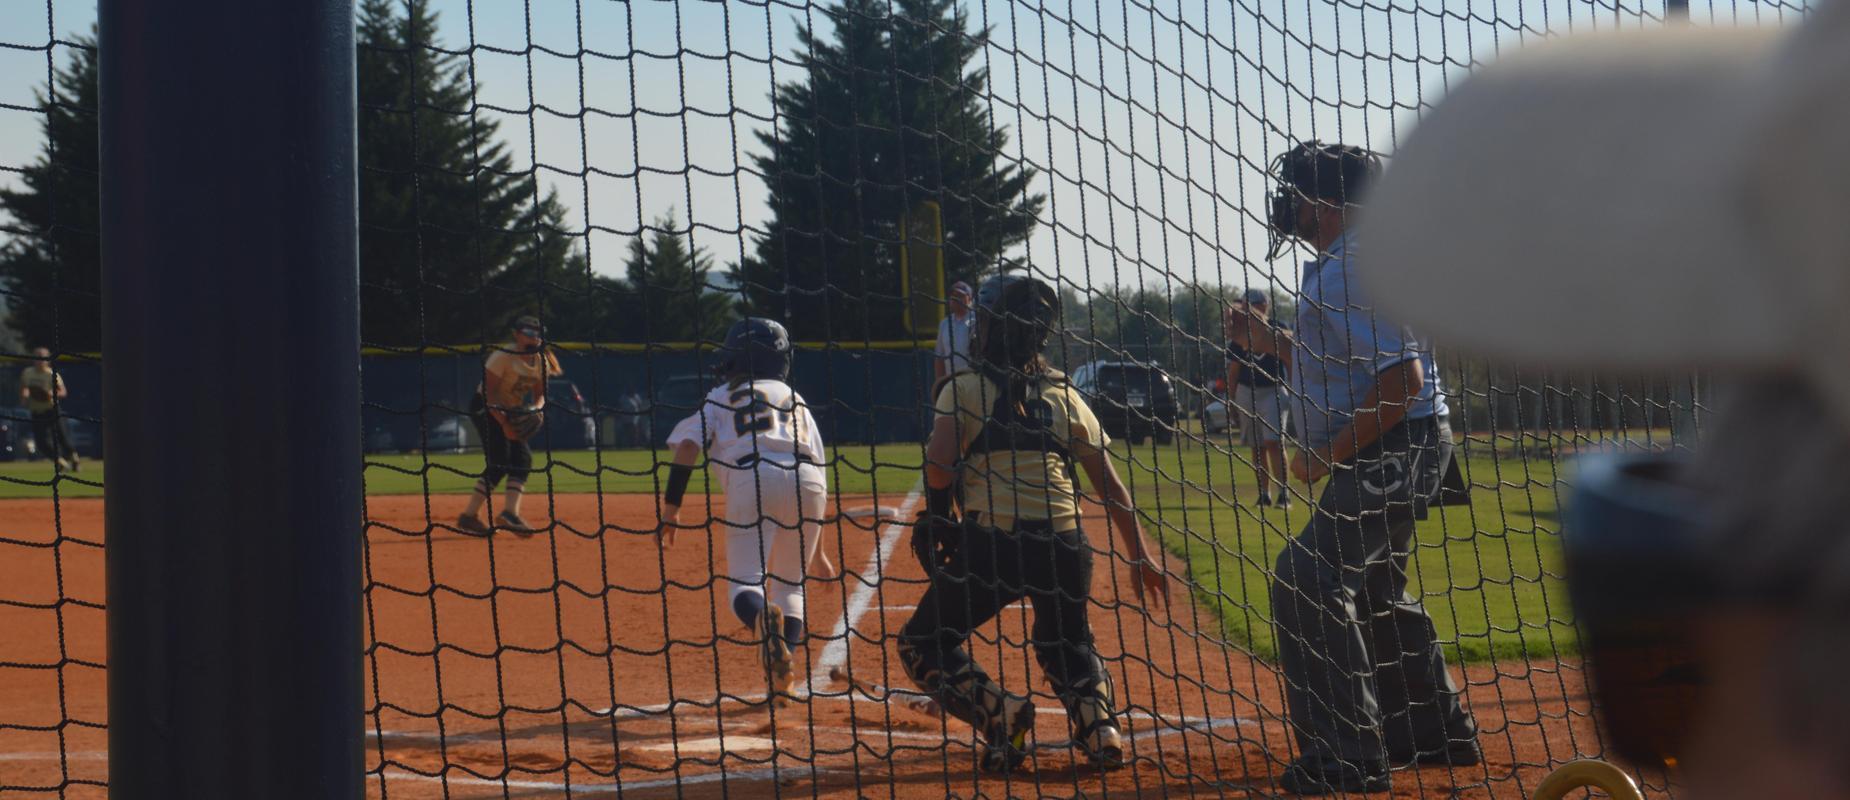 OMS baseball